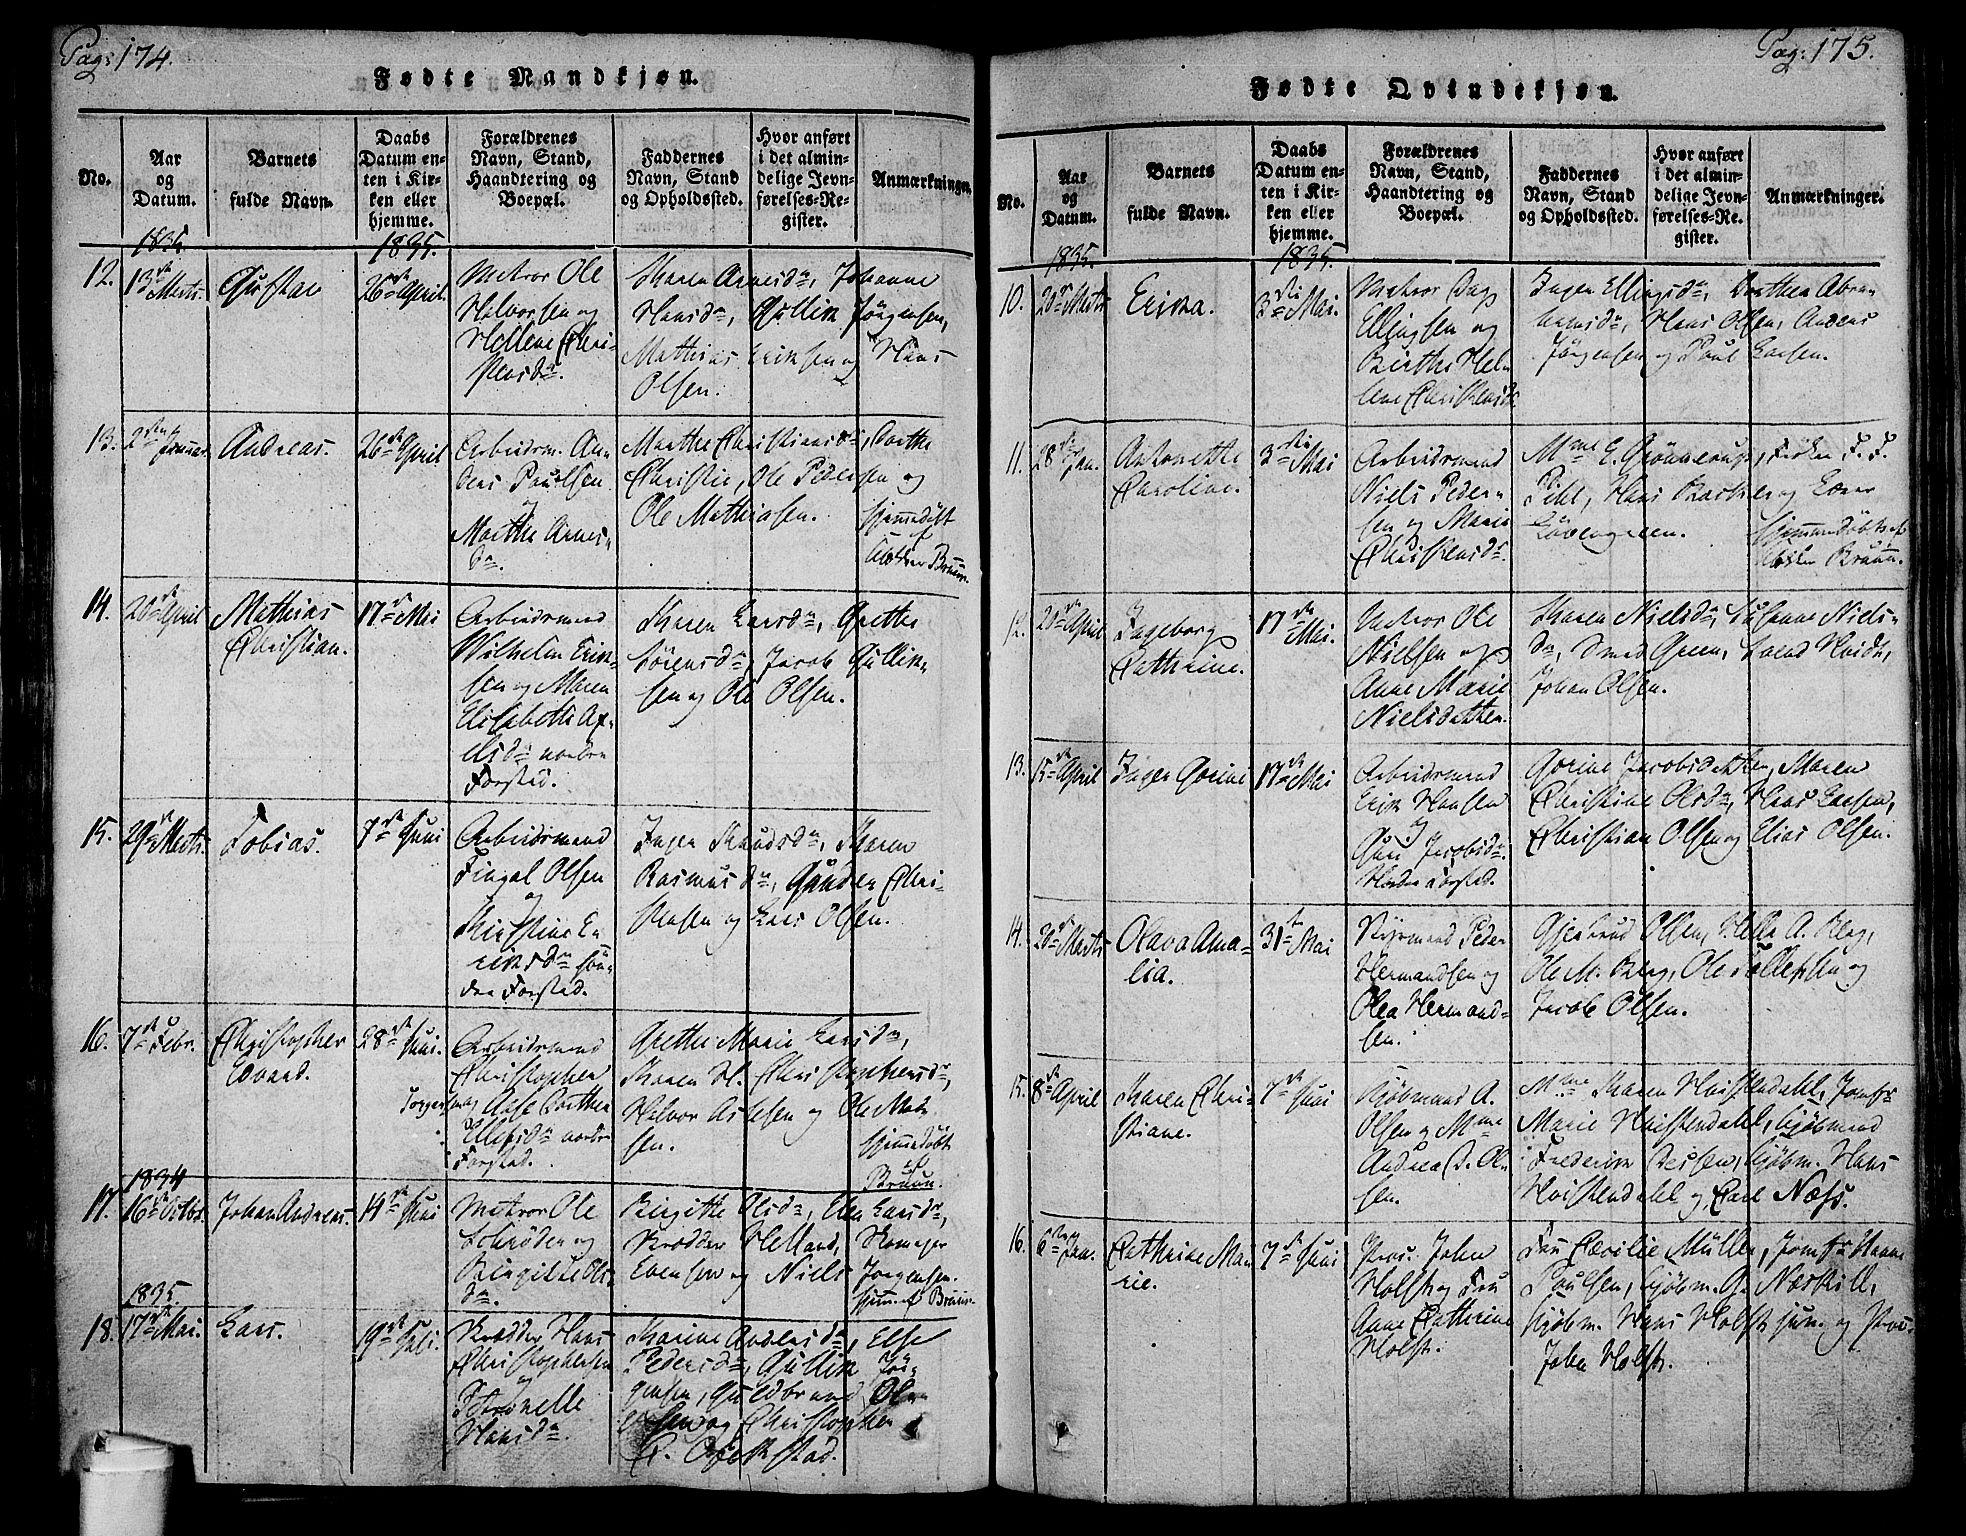 SAKO, Holmestrand kirkebøker, F/Fa/L0001: Ministerialbok nr. 1, 1814-1840, s. 174-175